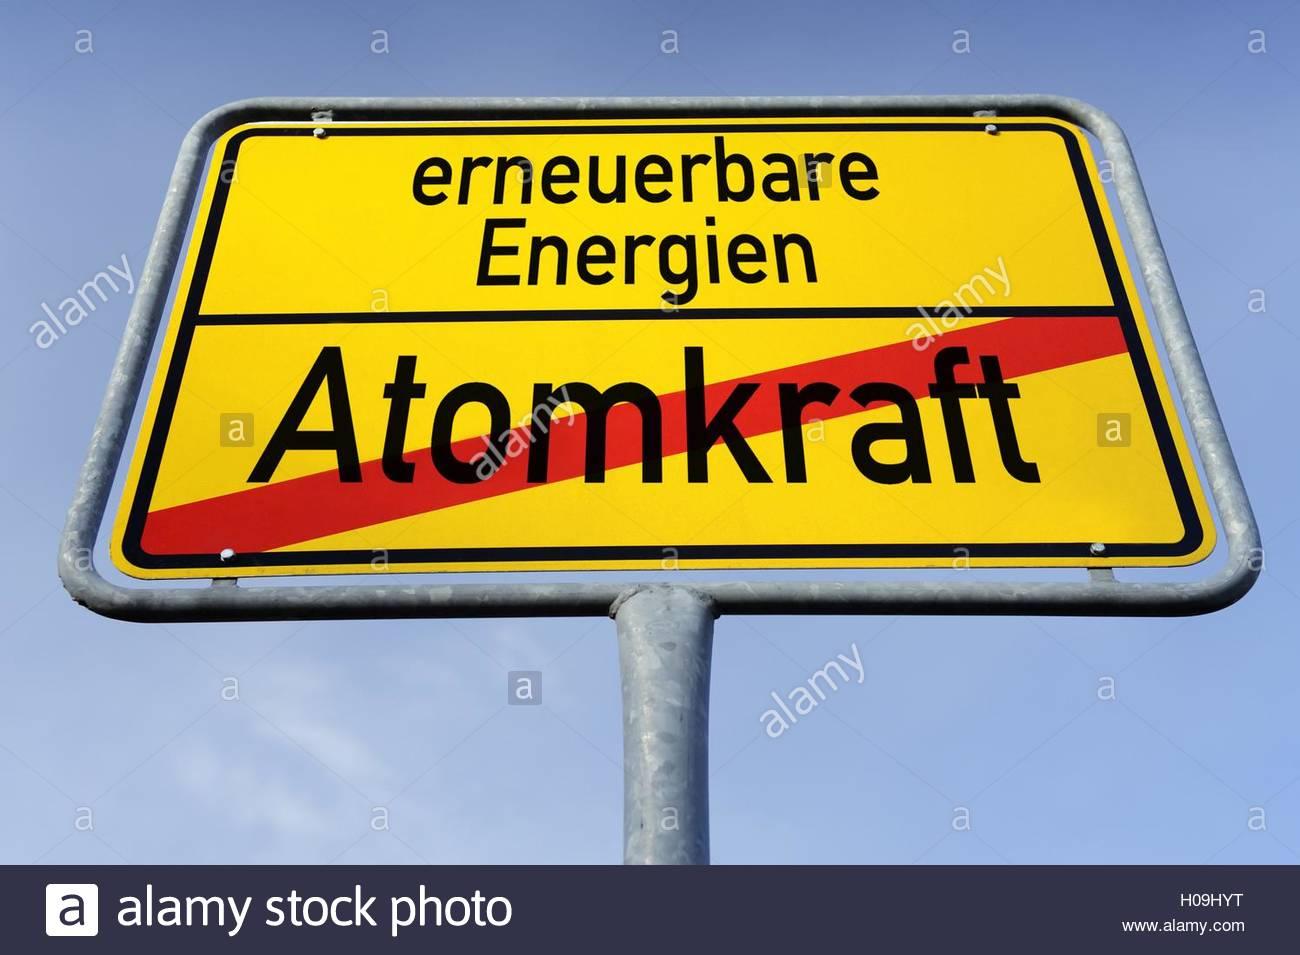 BLWX071241 [ (c) blickwinkel/McPHOTOx/Christian Ohde Tel. +49 (0)2302-2793220, E-mail: info@blickwinkel.de, Internet: - Stock Image